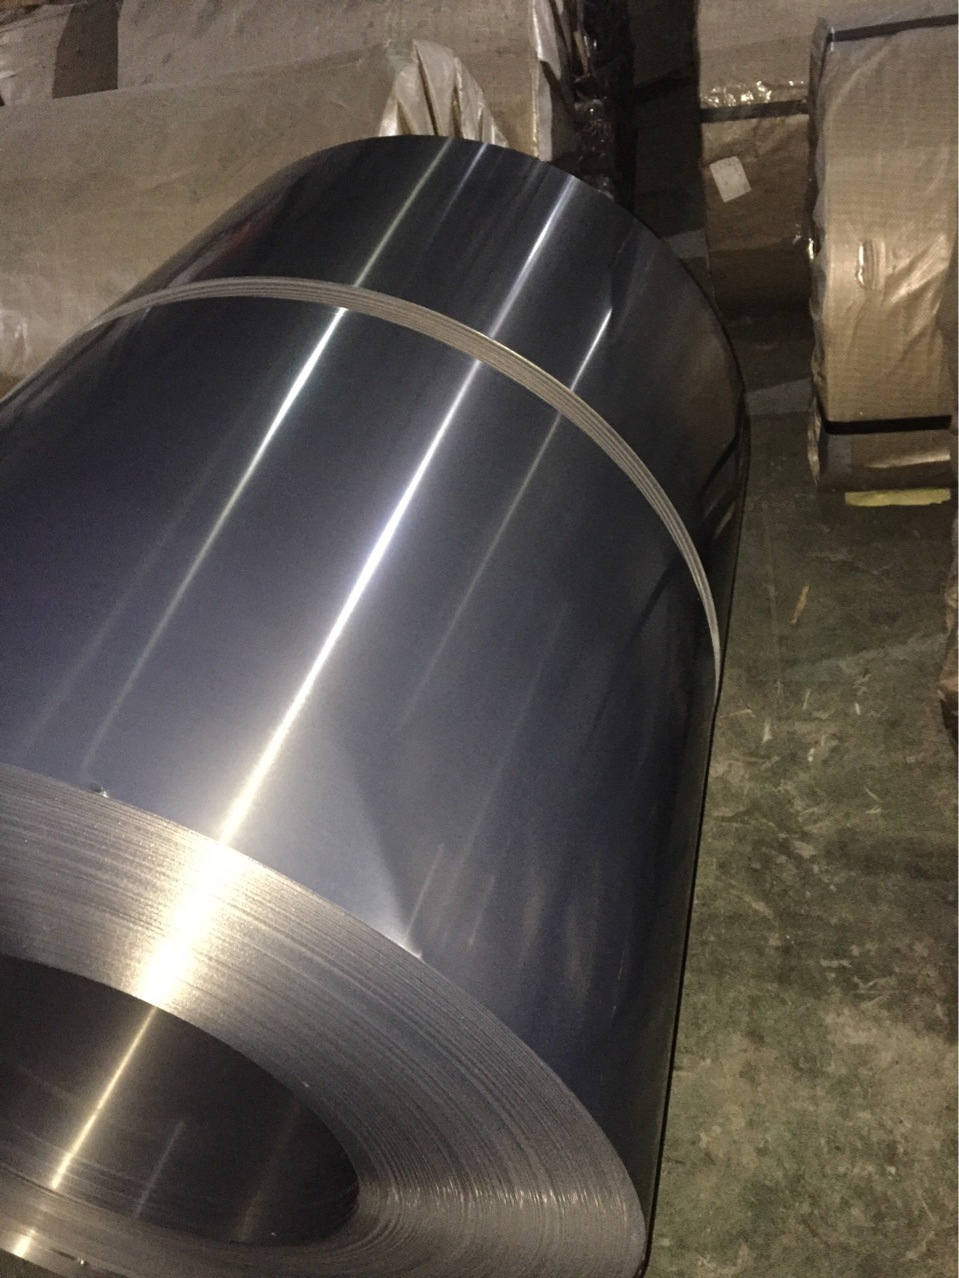 Baosteel Tôn silic Cung cấp Baosteel thép tấm thép điện không định hướng thép cuộn thép cuộn điện B3